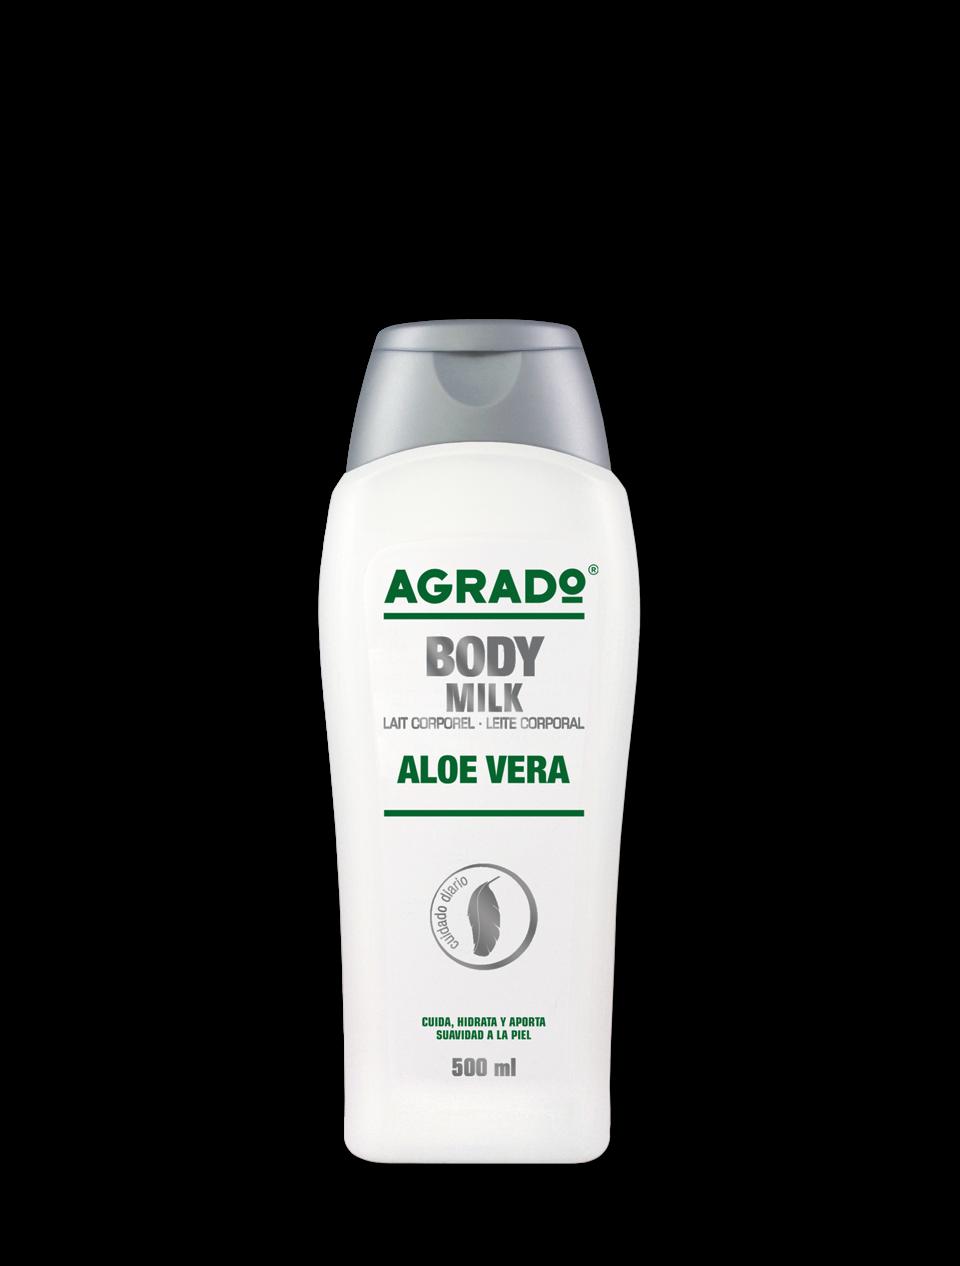 body-milk-aloe-vera-agrado-4835